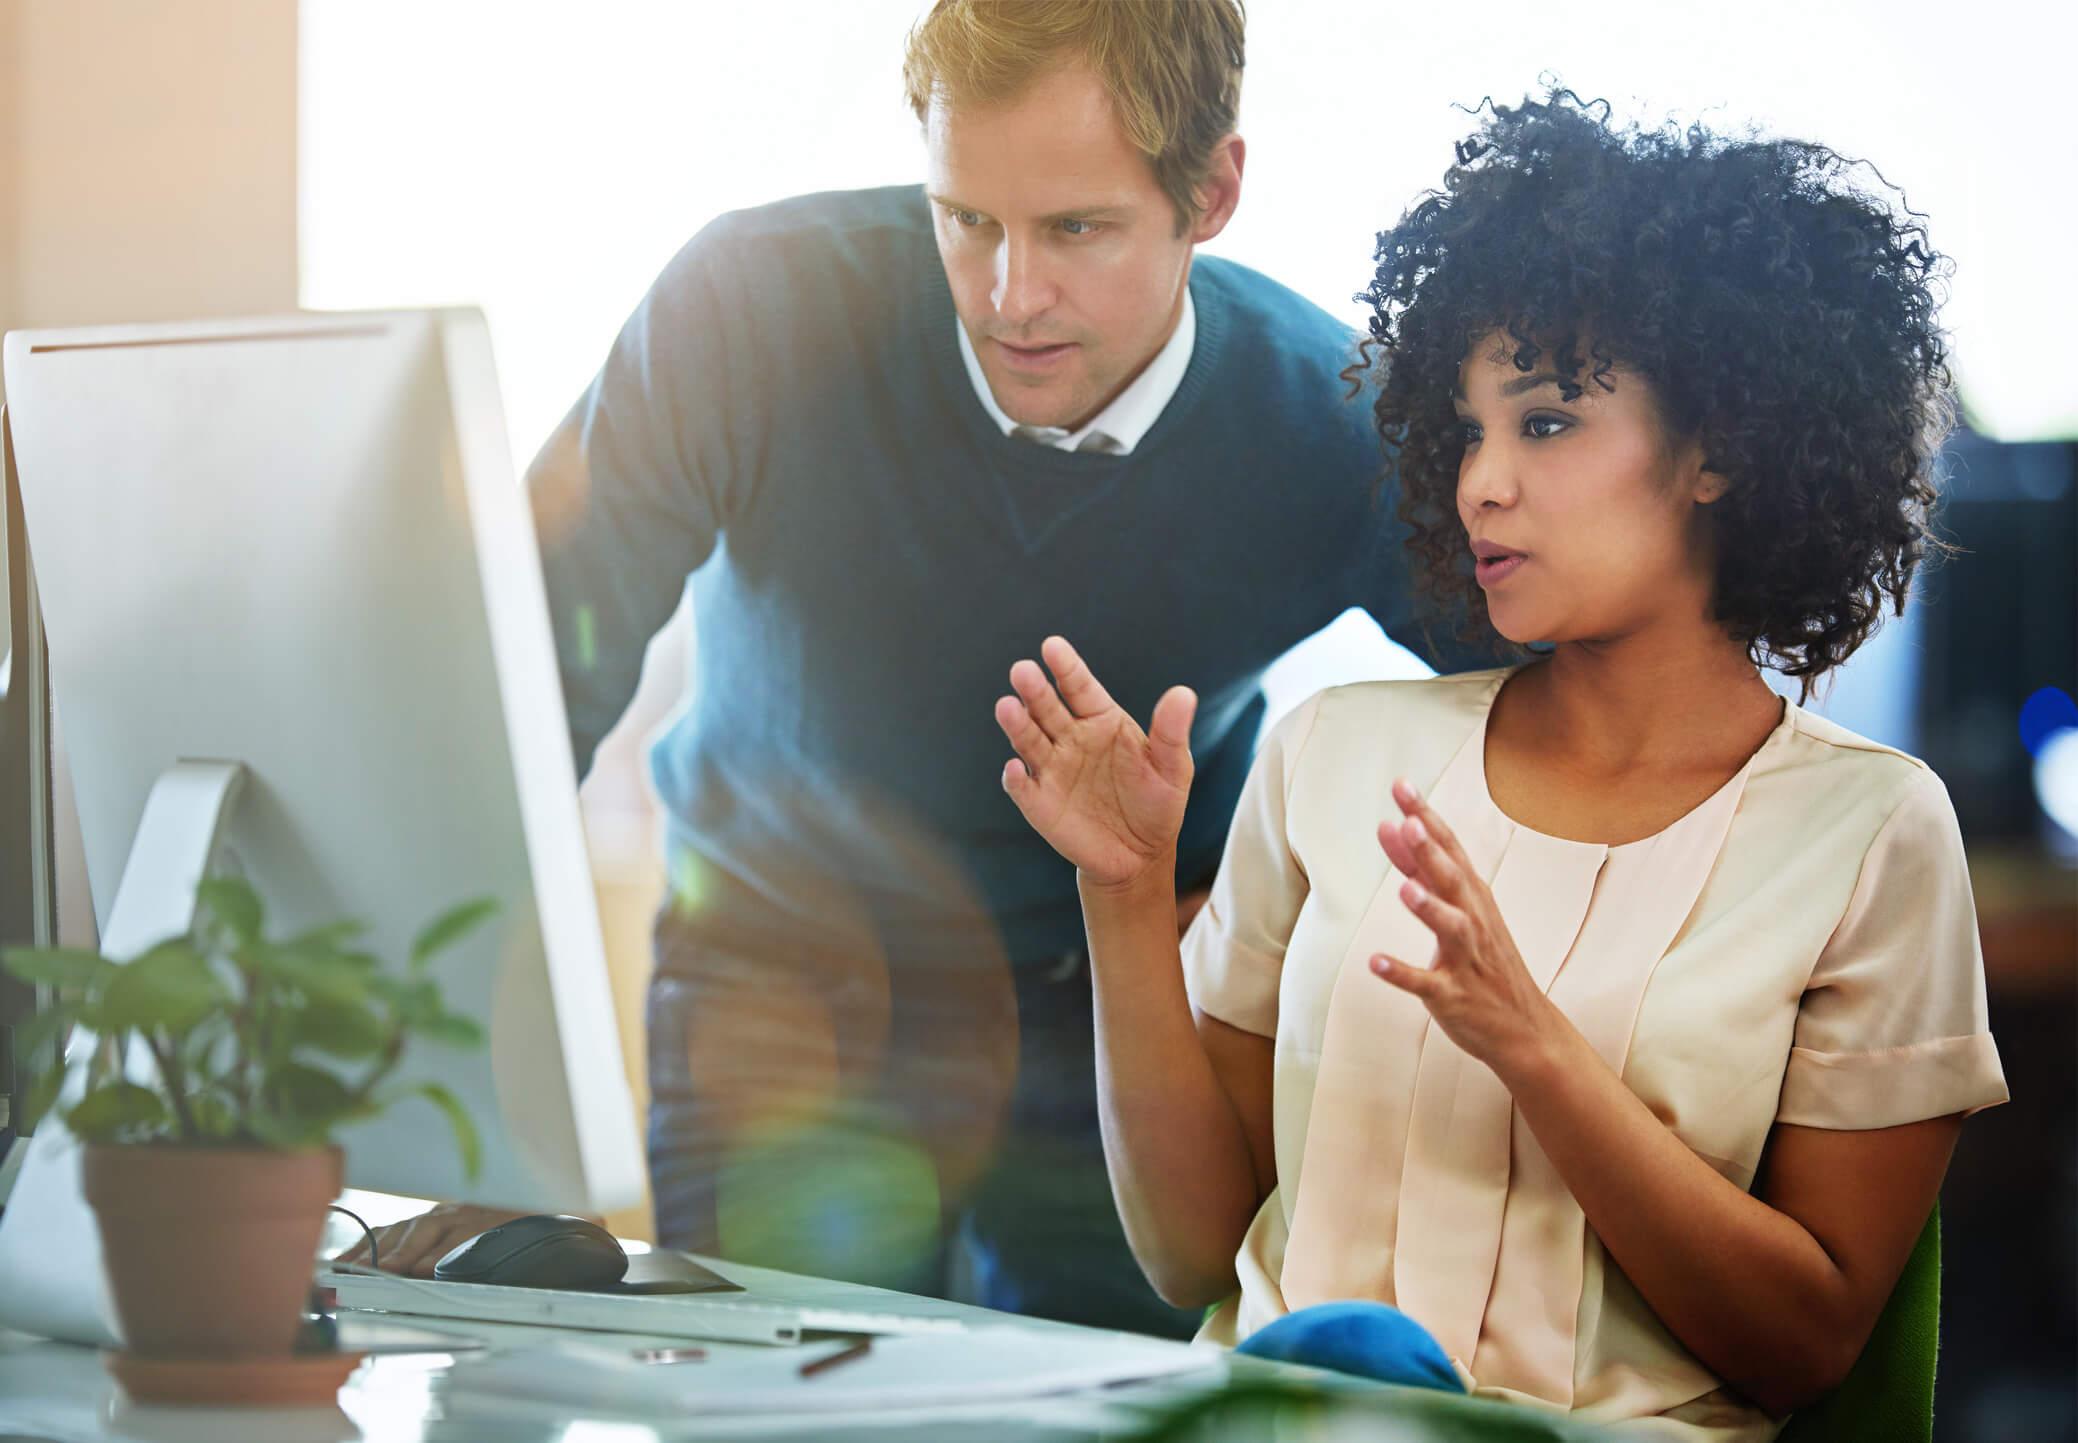 Ainda não conseguiu uma promoção na empresa? Confira no post algumas dicas de Mapeamento de competências para conseguir dar um passo a mais na carreira.